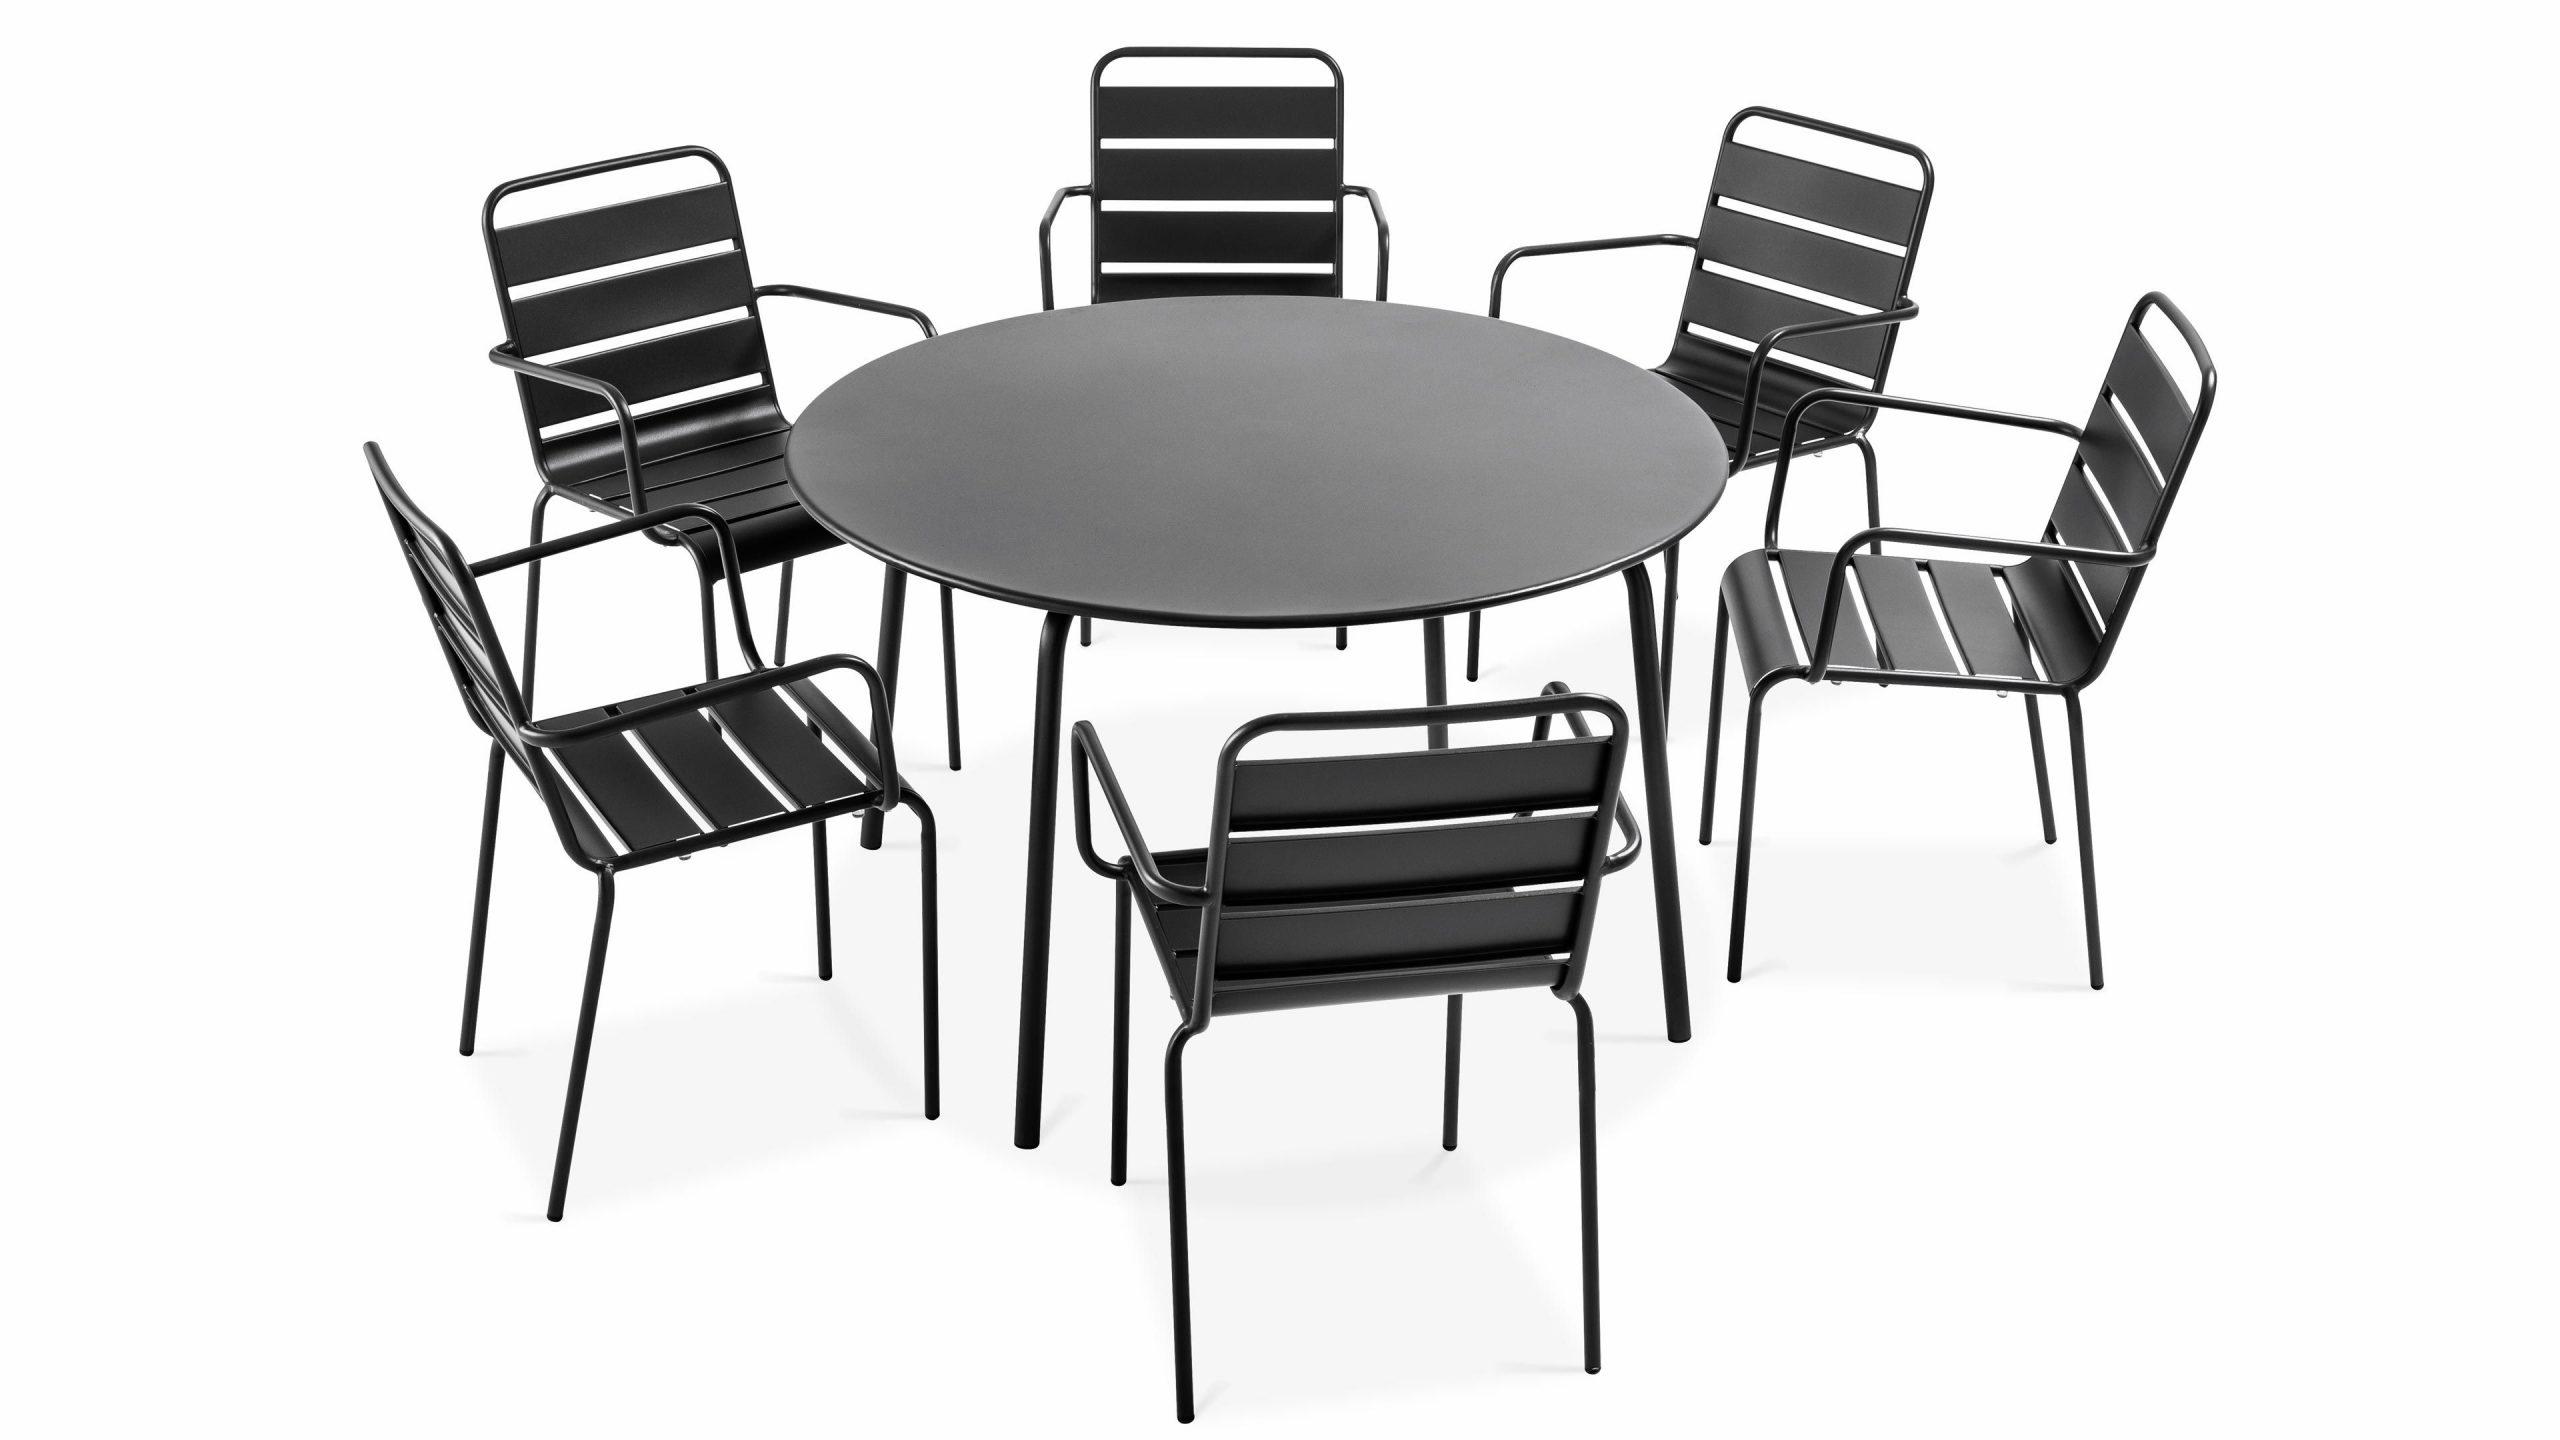 Table Jardin Ronde Metal   Oviala destiné Table Jardin Ronde Pas Cher